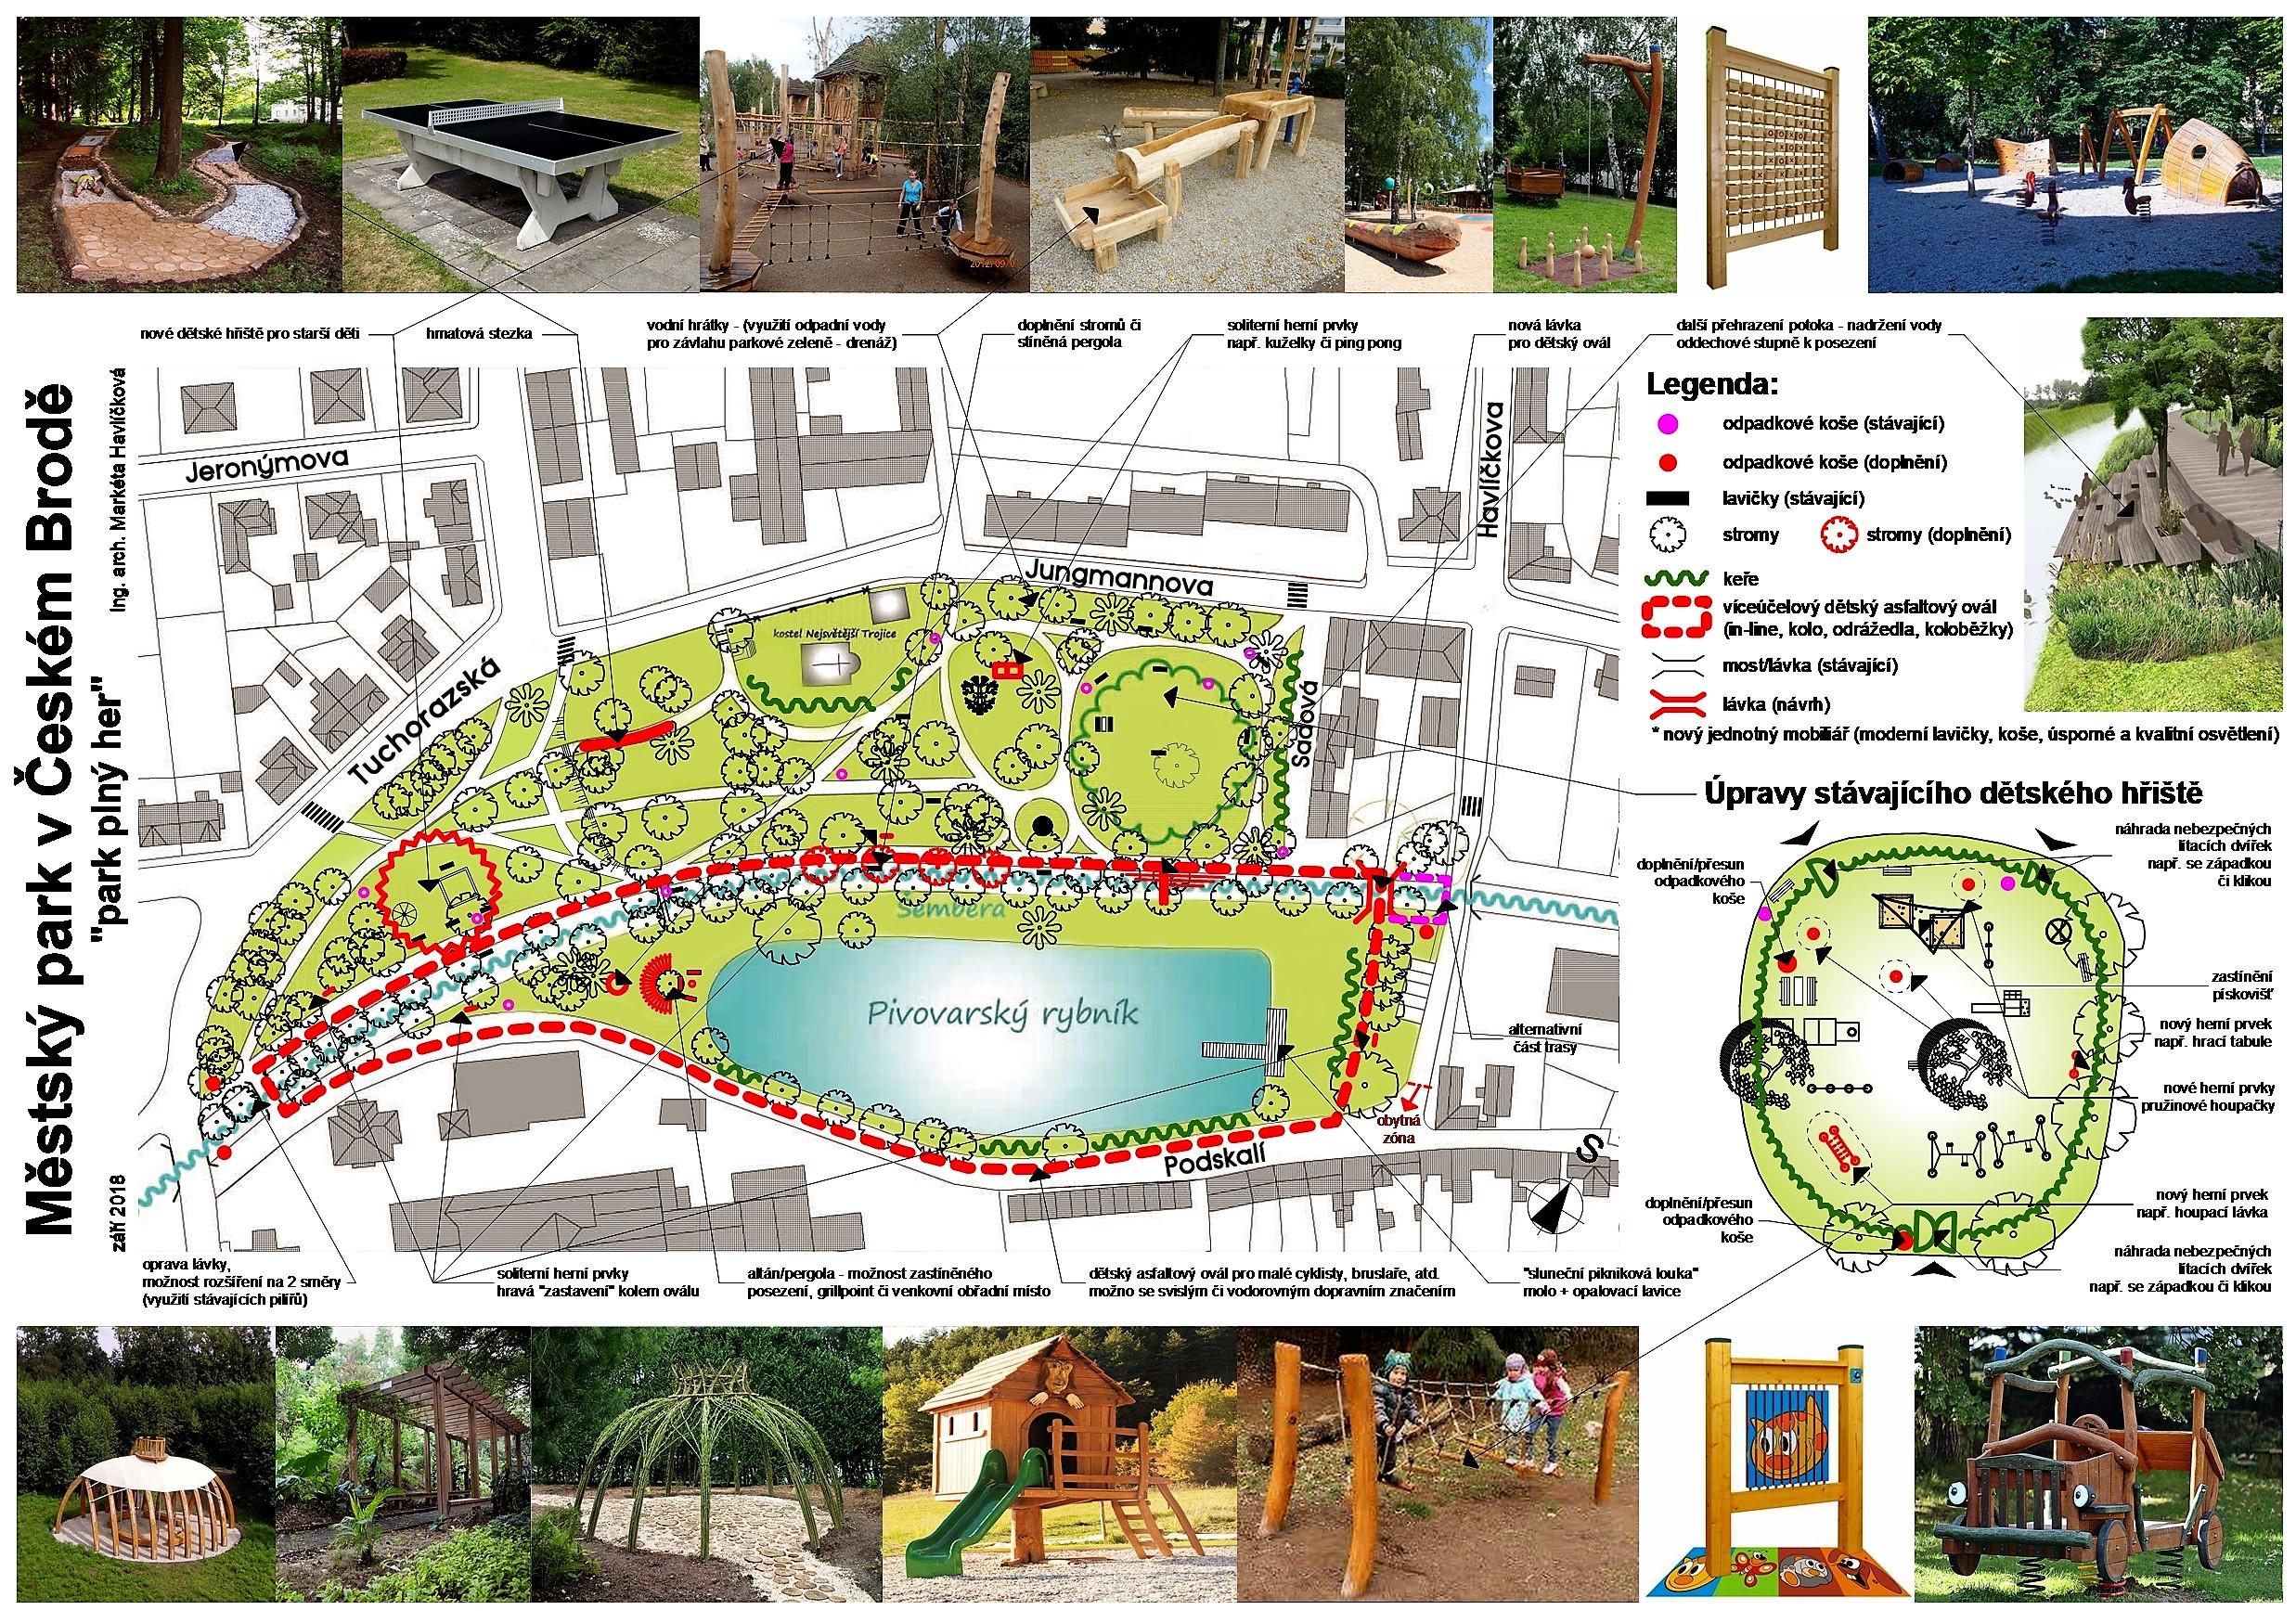 Městský park - jpg